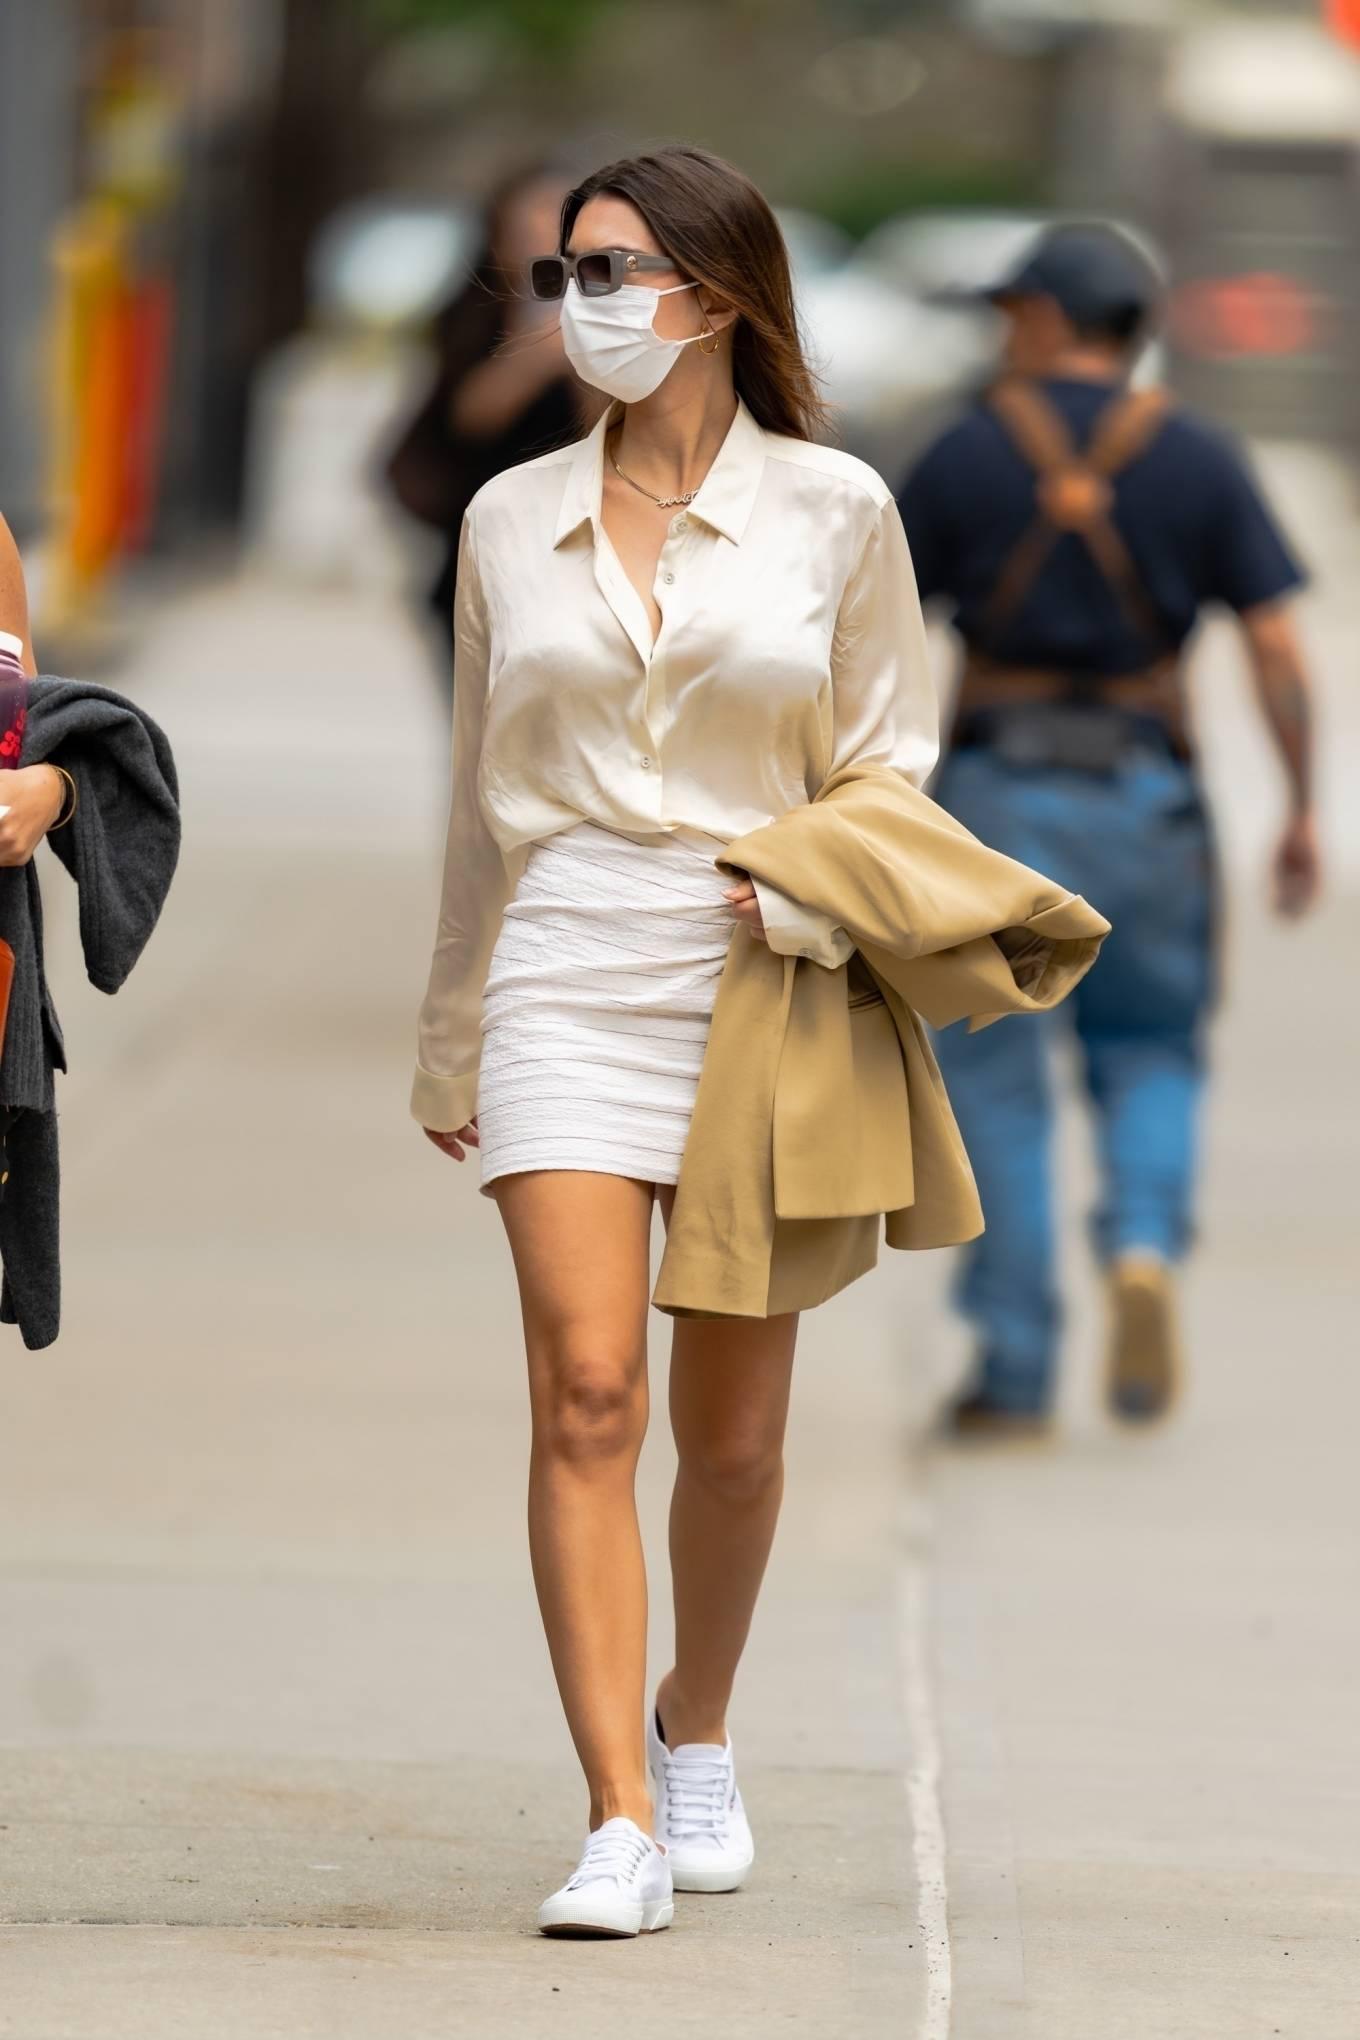 Emily Ratajkowski 2021 : Emily Ratajkowski – In white mini skirt out for a walk in New York-04